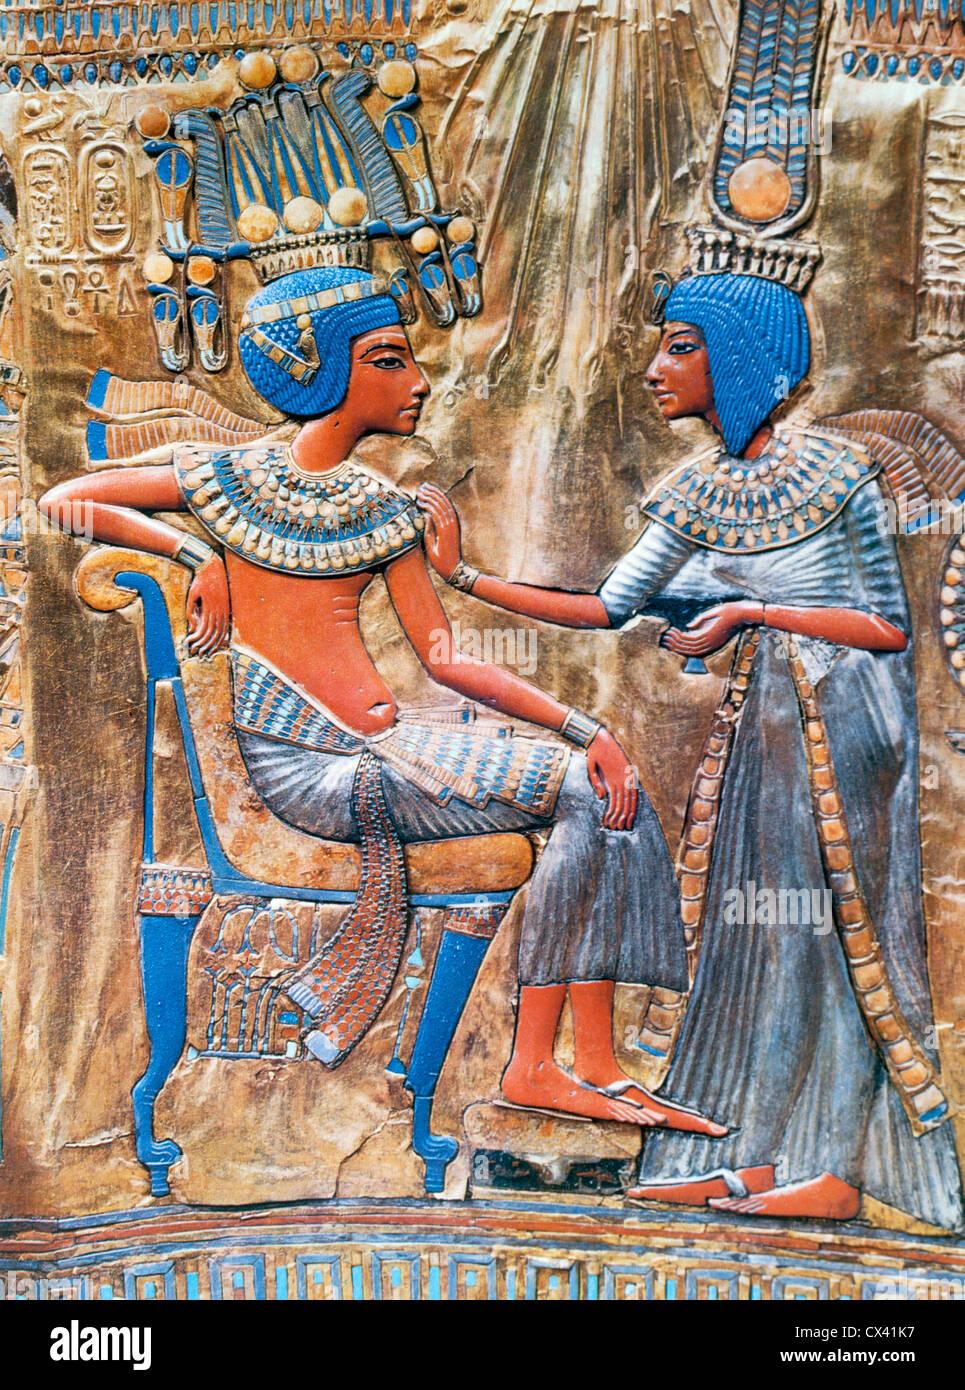 Tutankhamen, XVIII Dynasty King of Egypt, 1350 B.C. - Stock Image